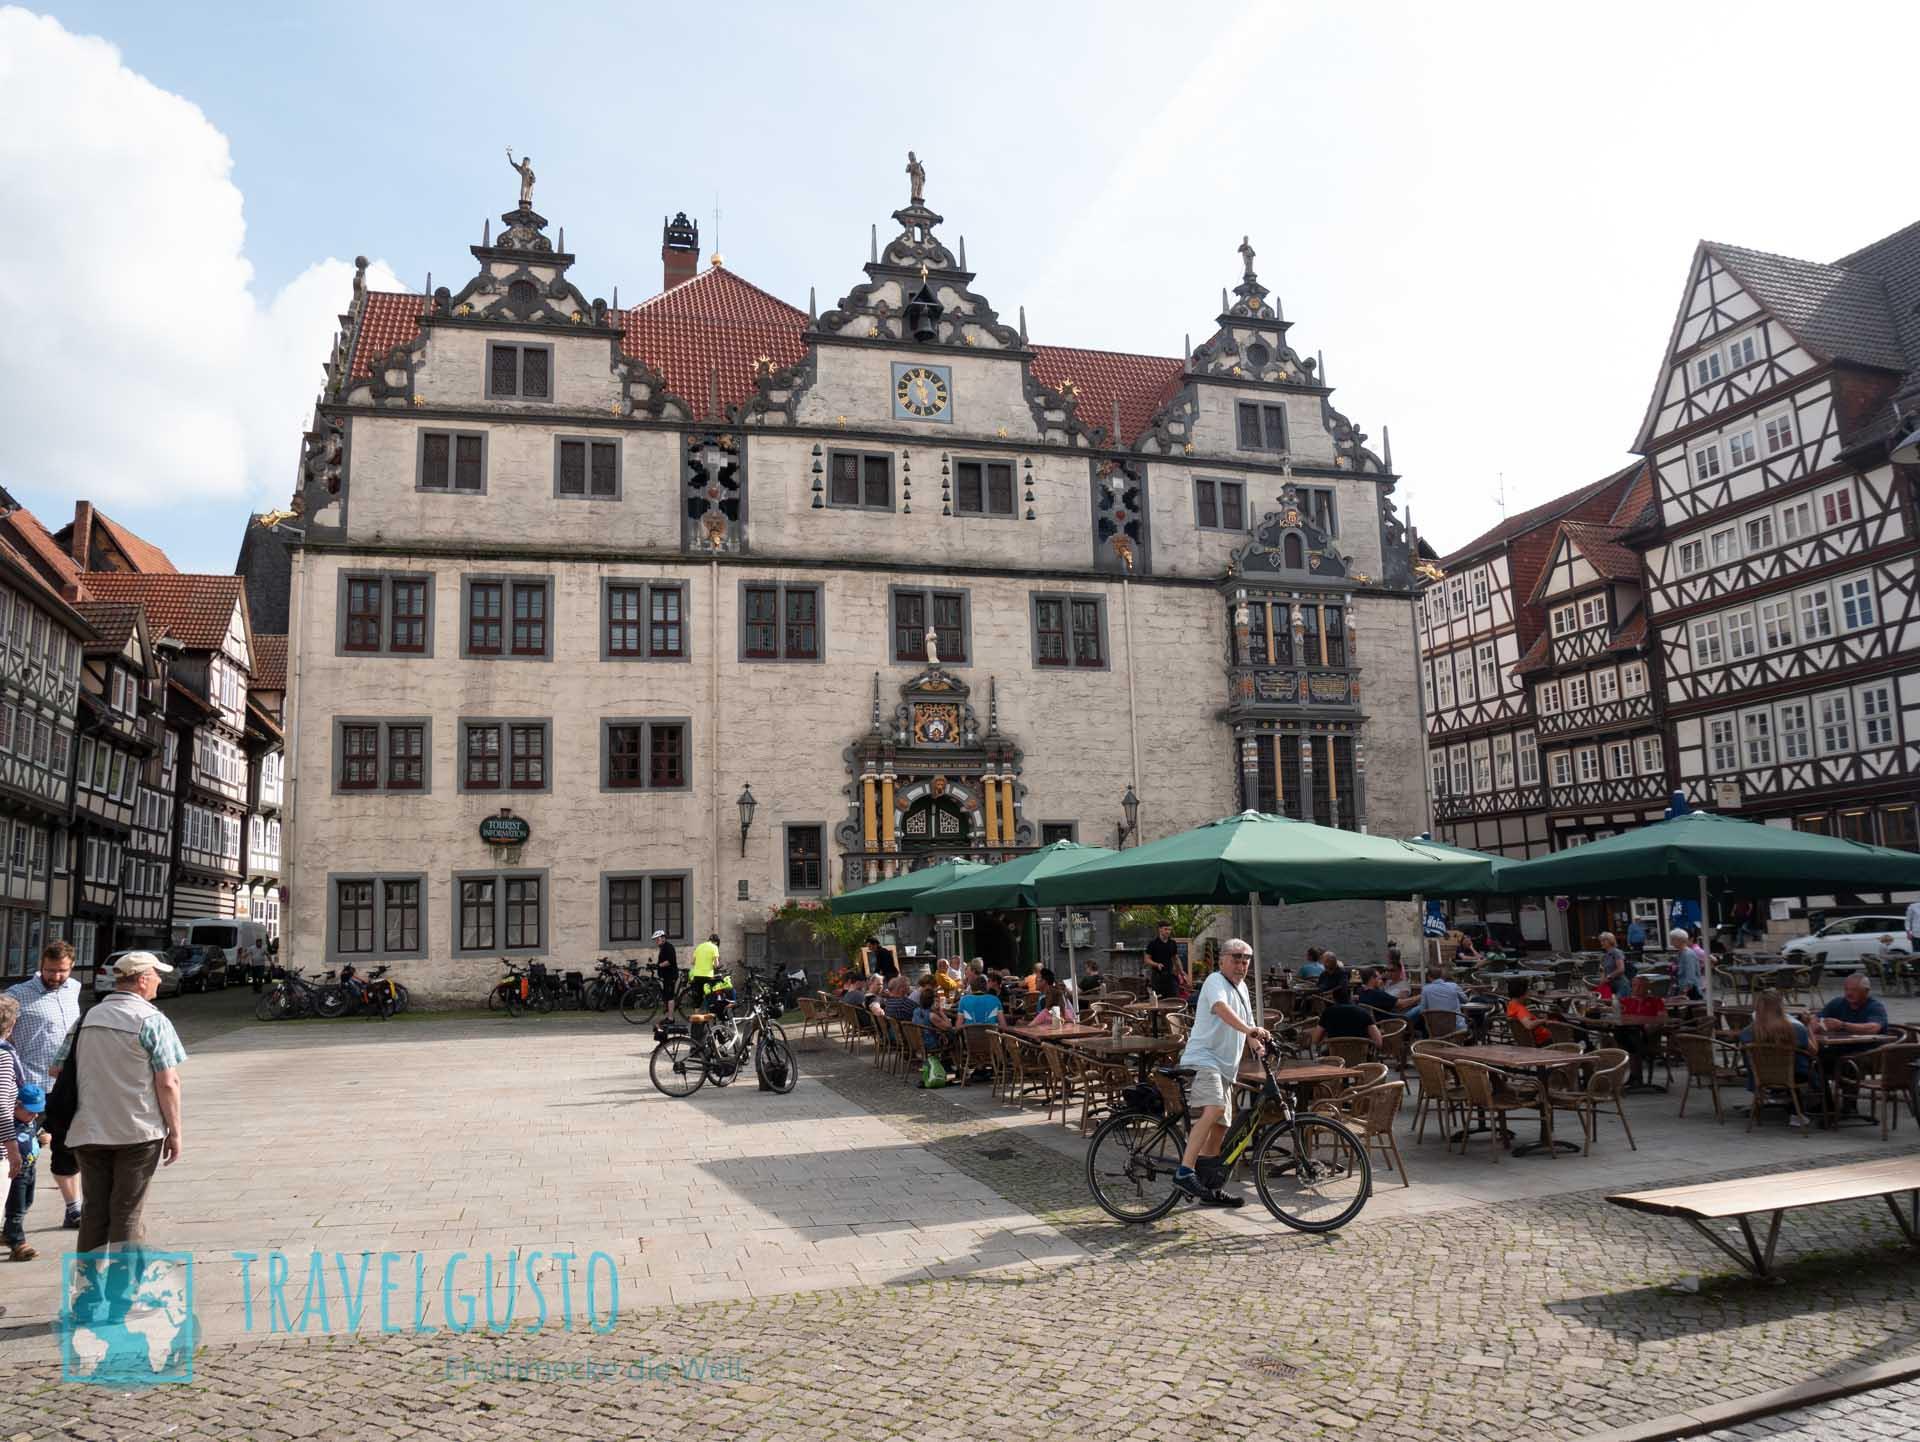 Bierreise rund um Göttingen – Teil 1